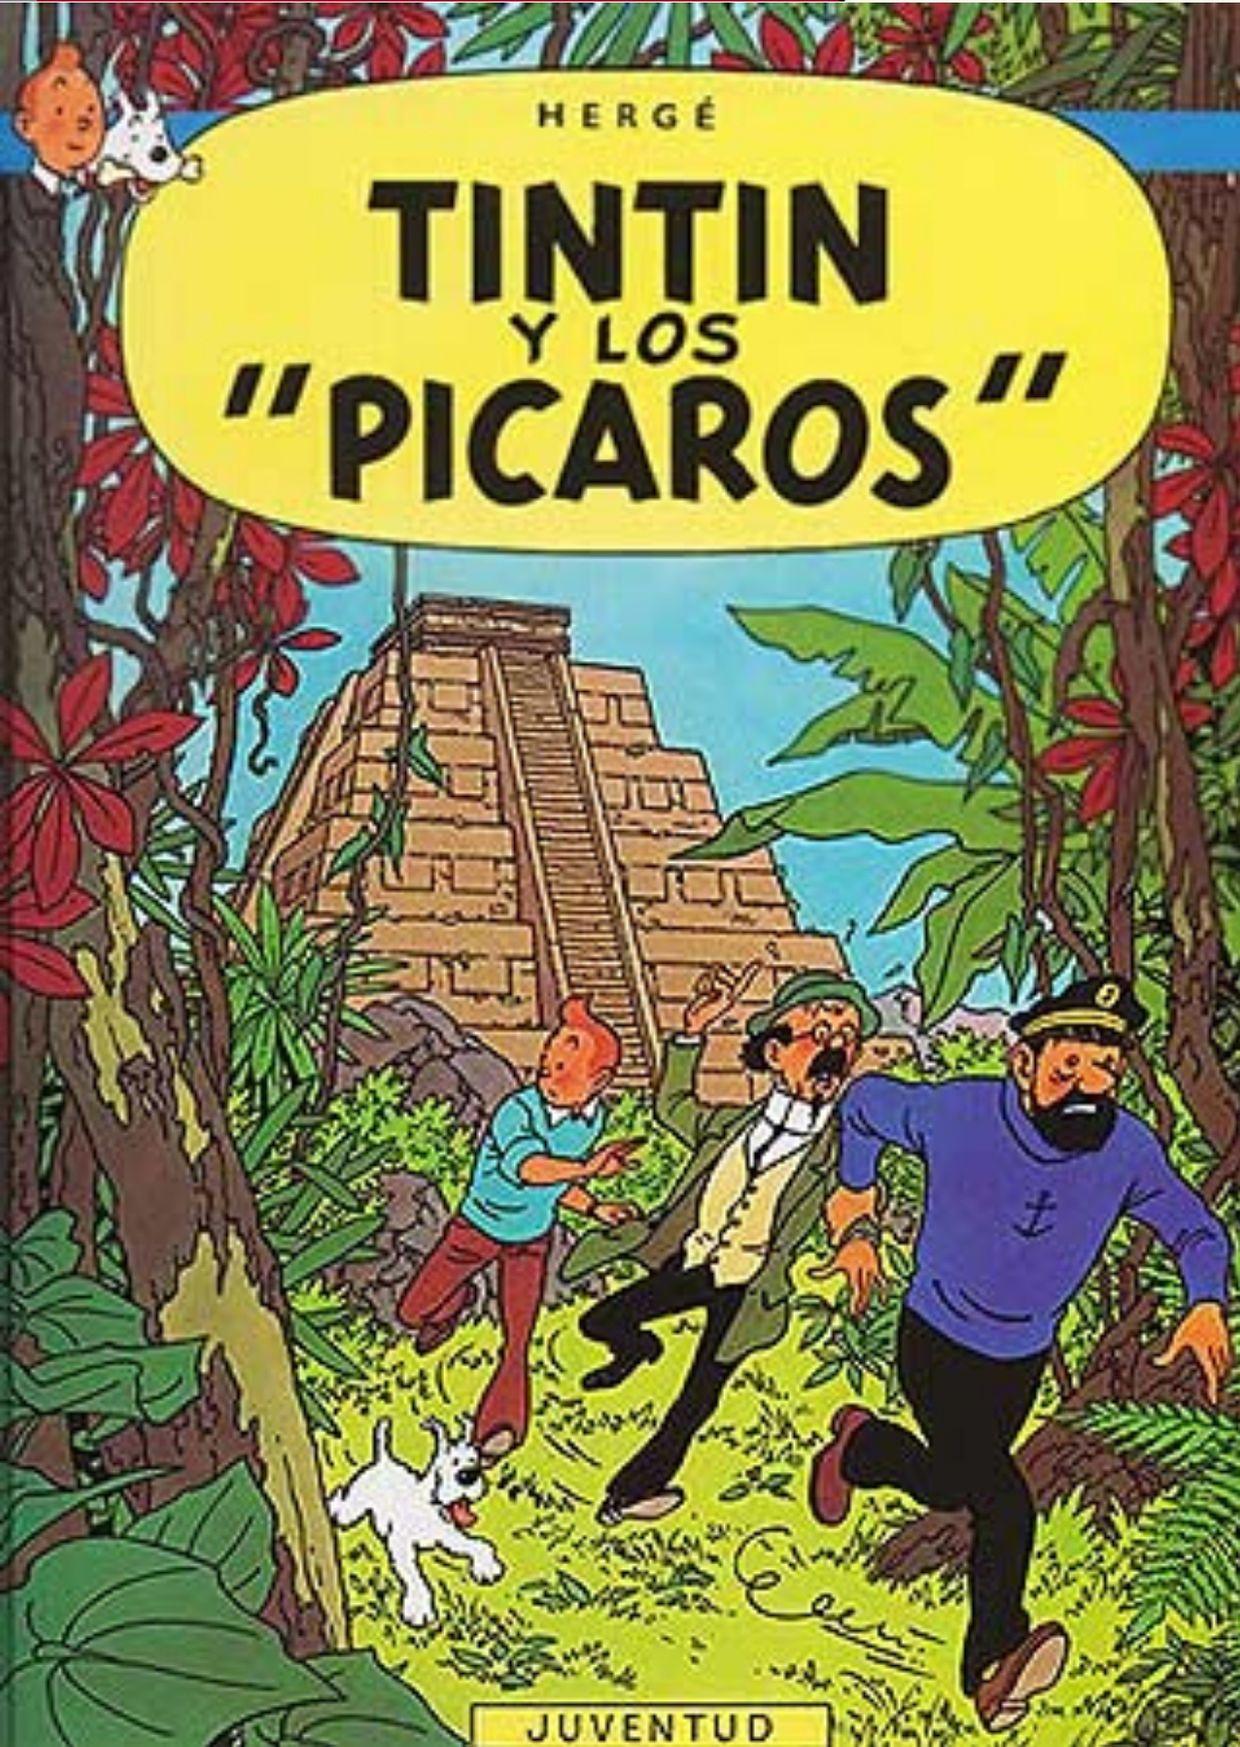 ≫ Tintín y los Pícaros